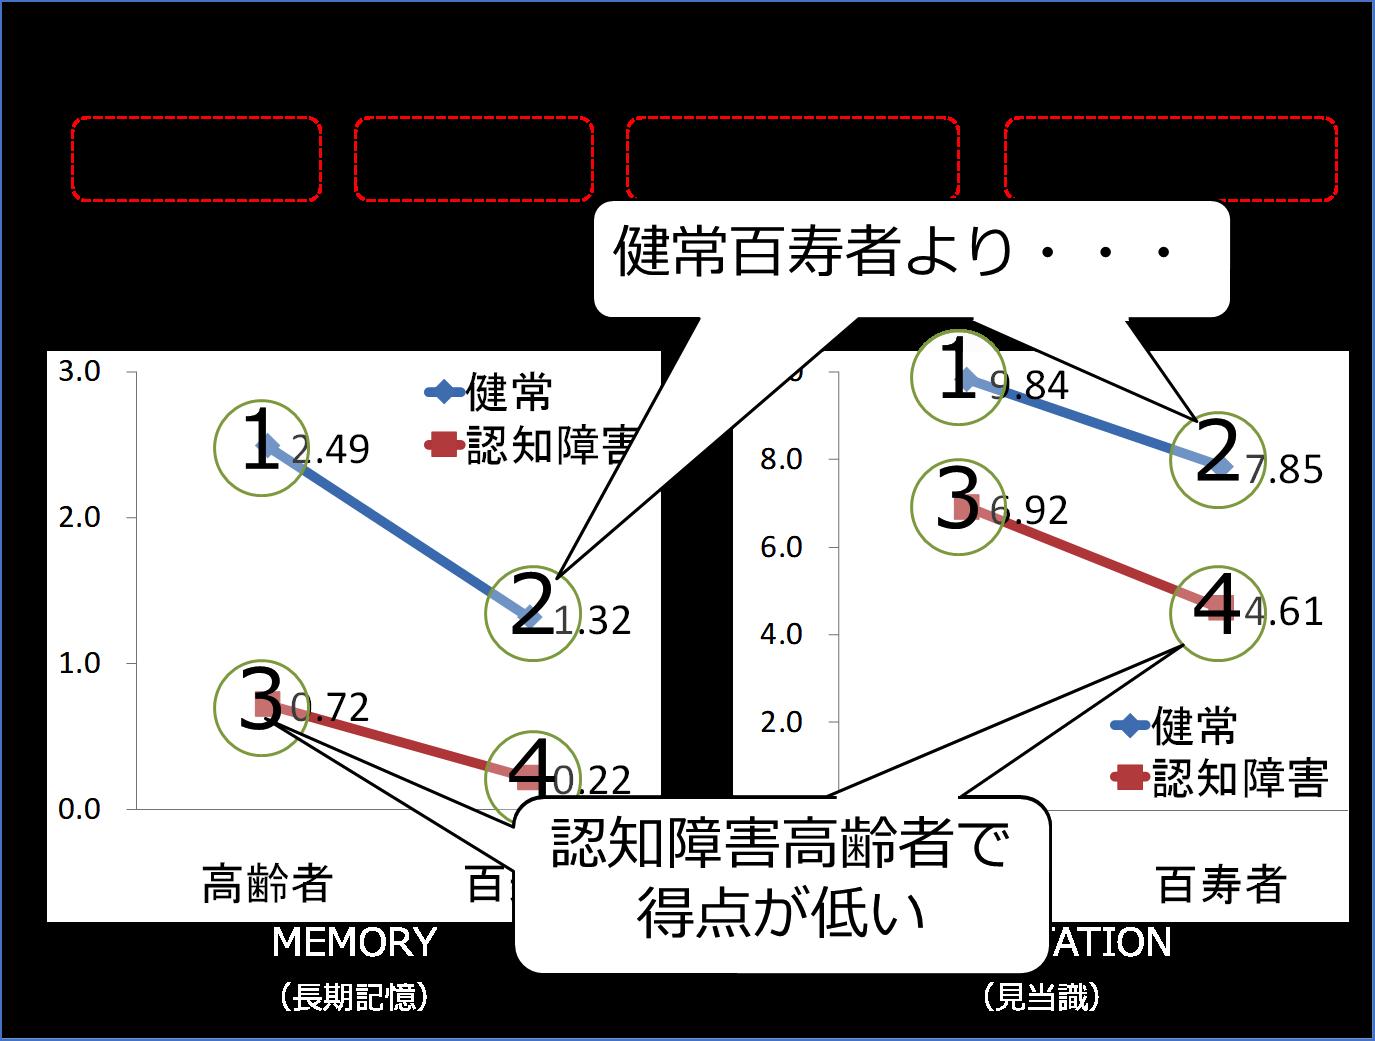 図5 記憶、見当識の結果